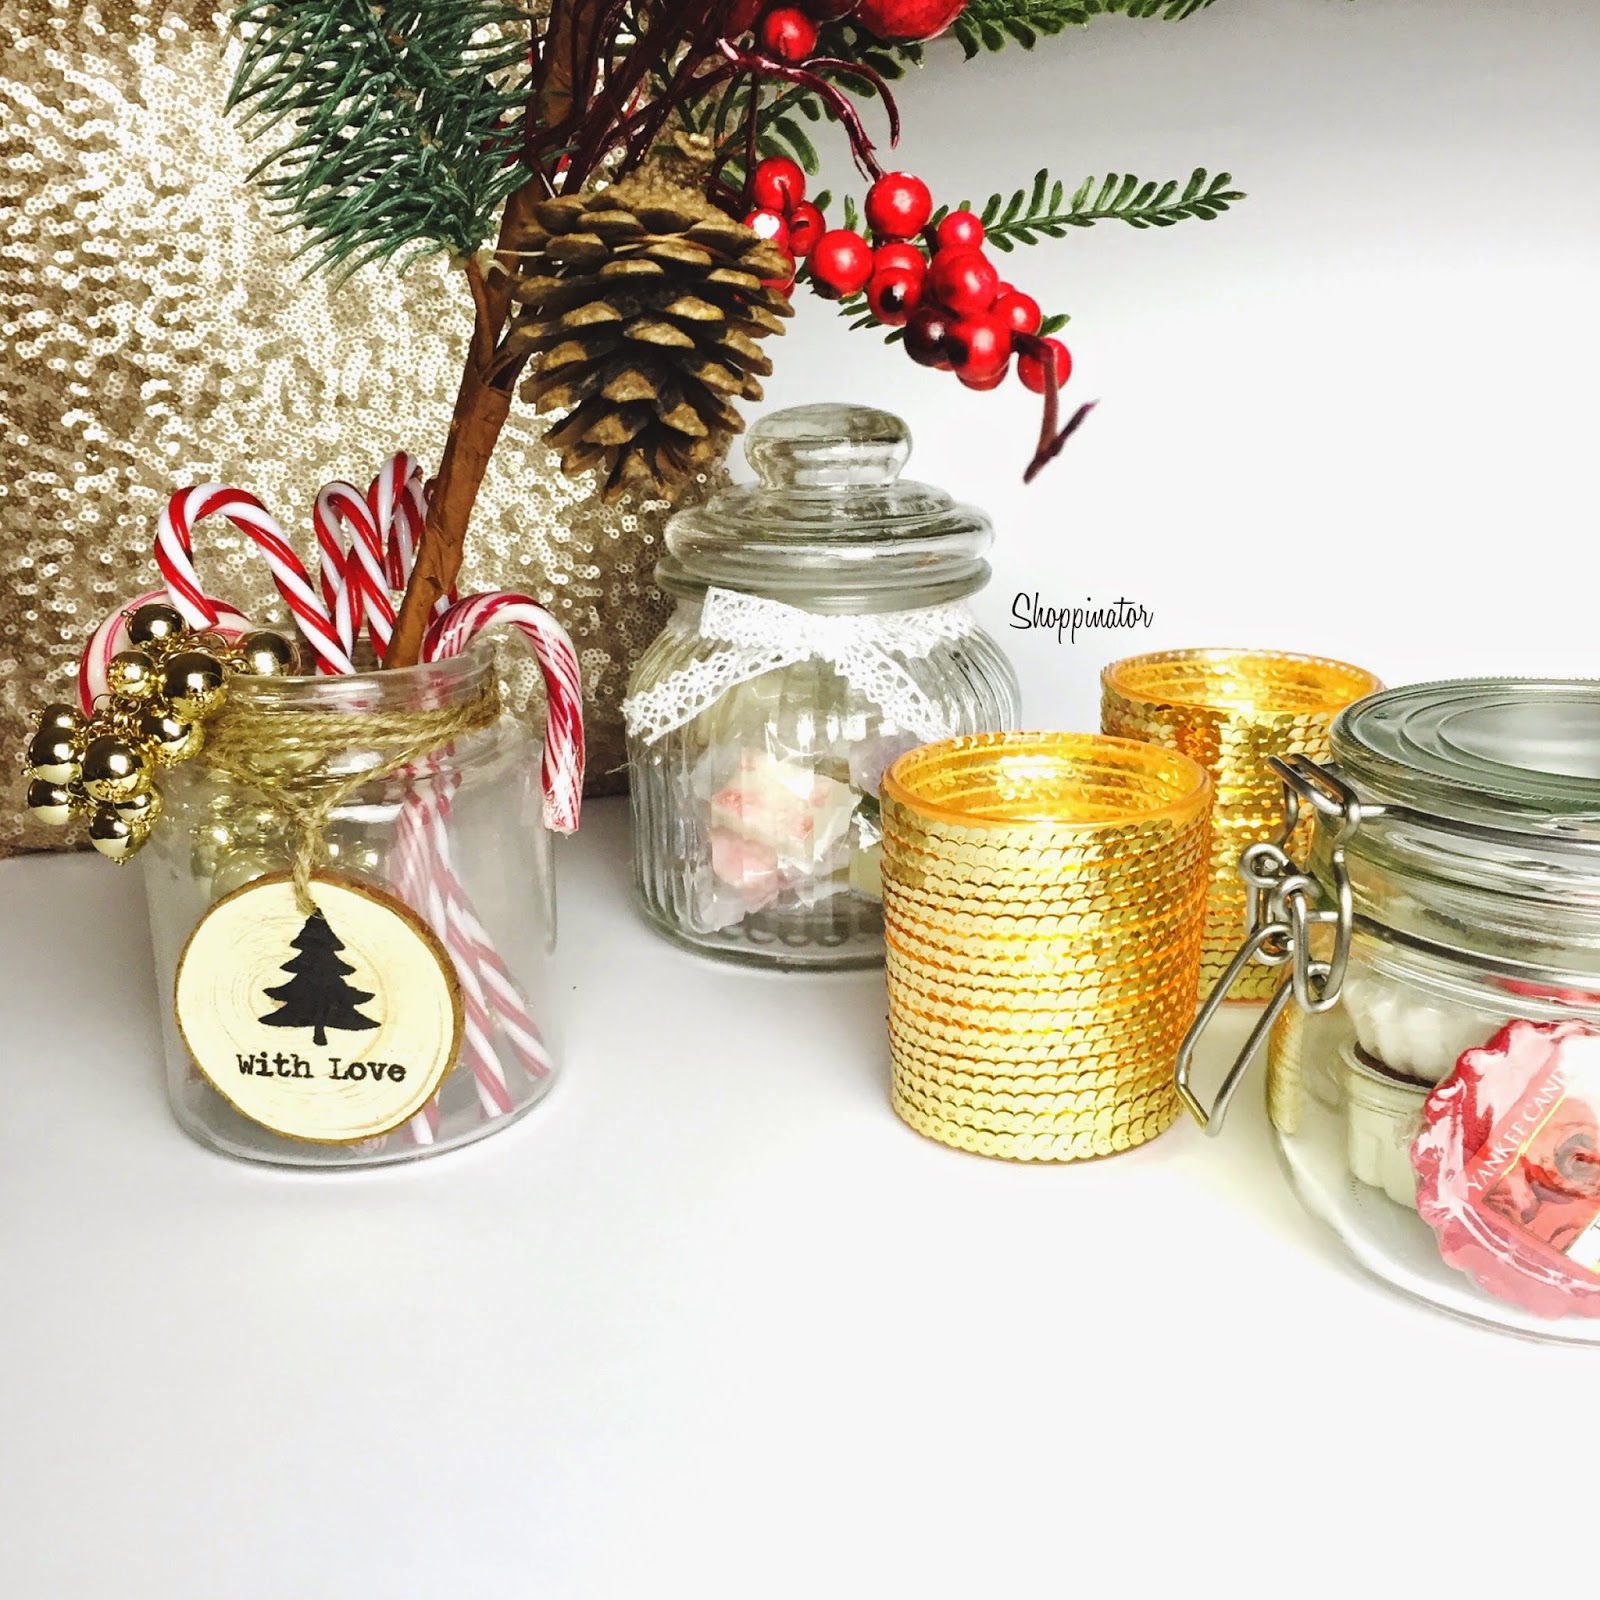 Mein Weihnachts-Deko Einkauf